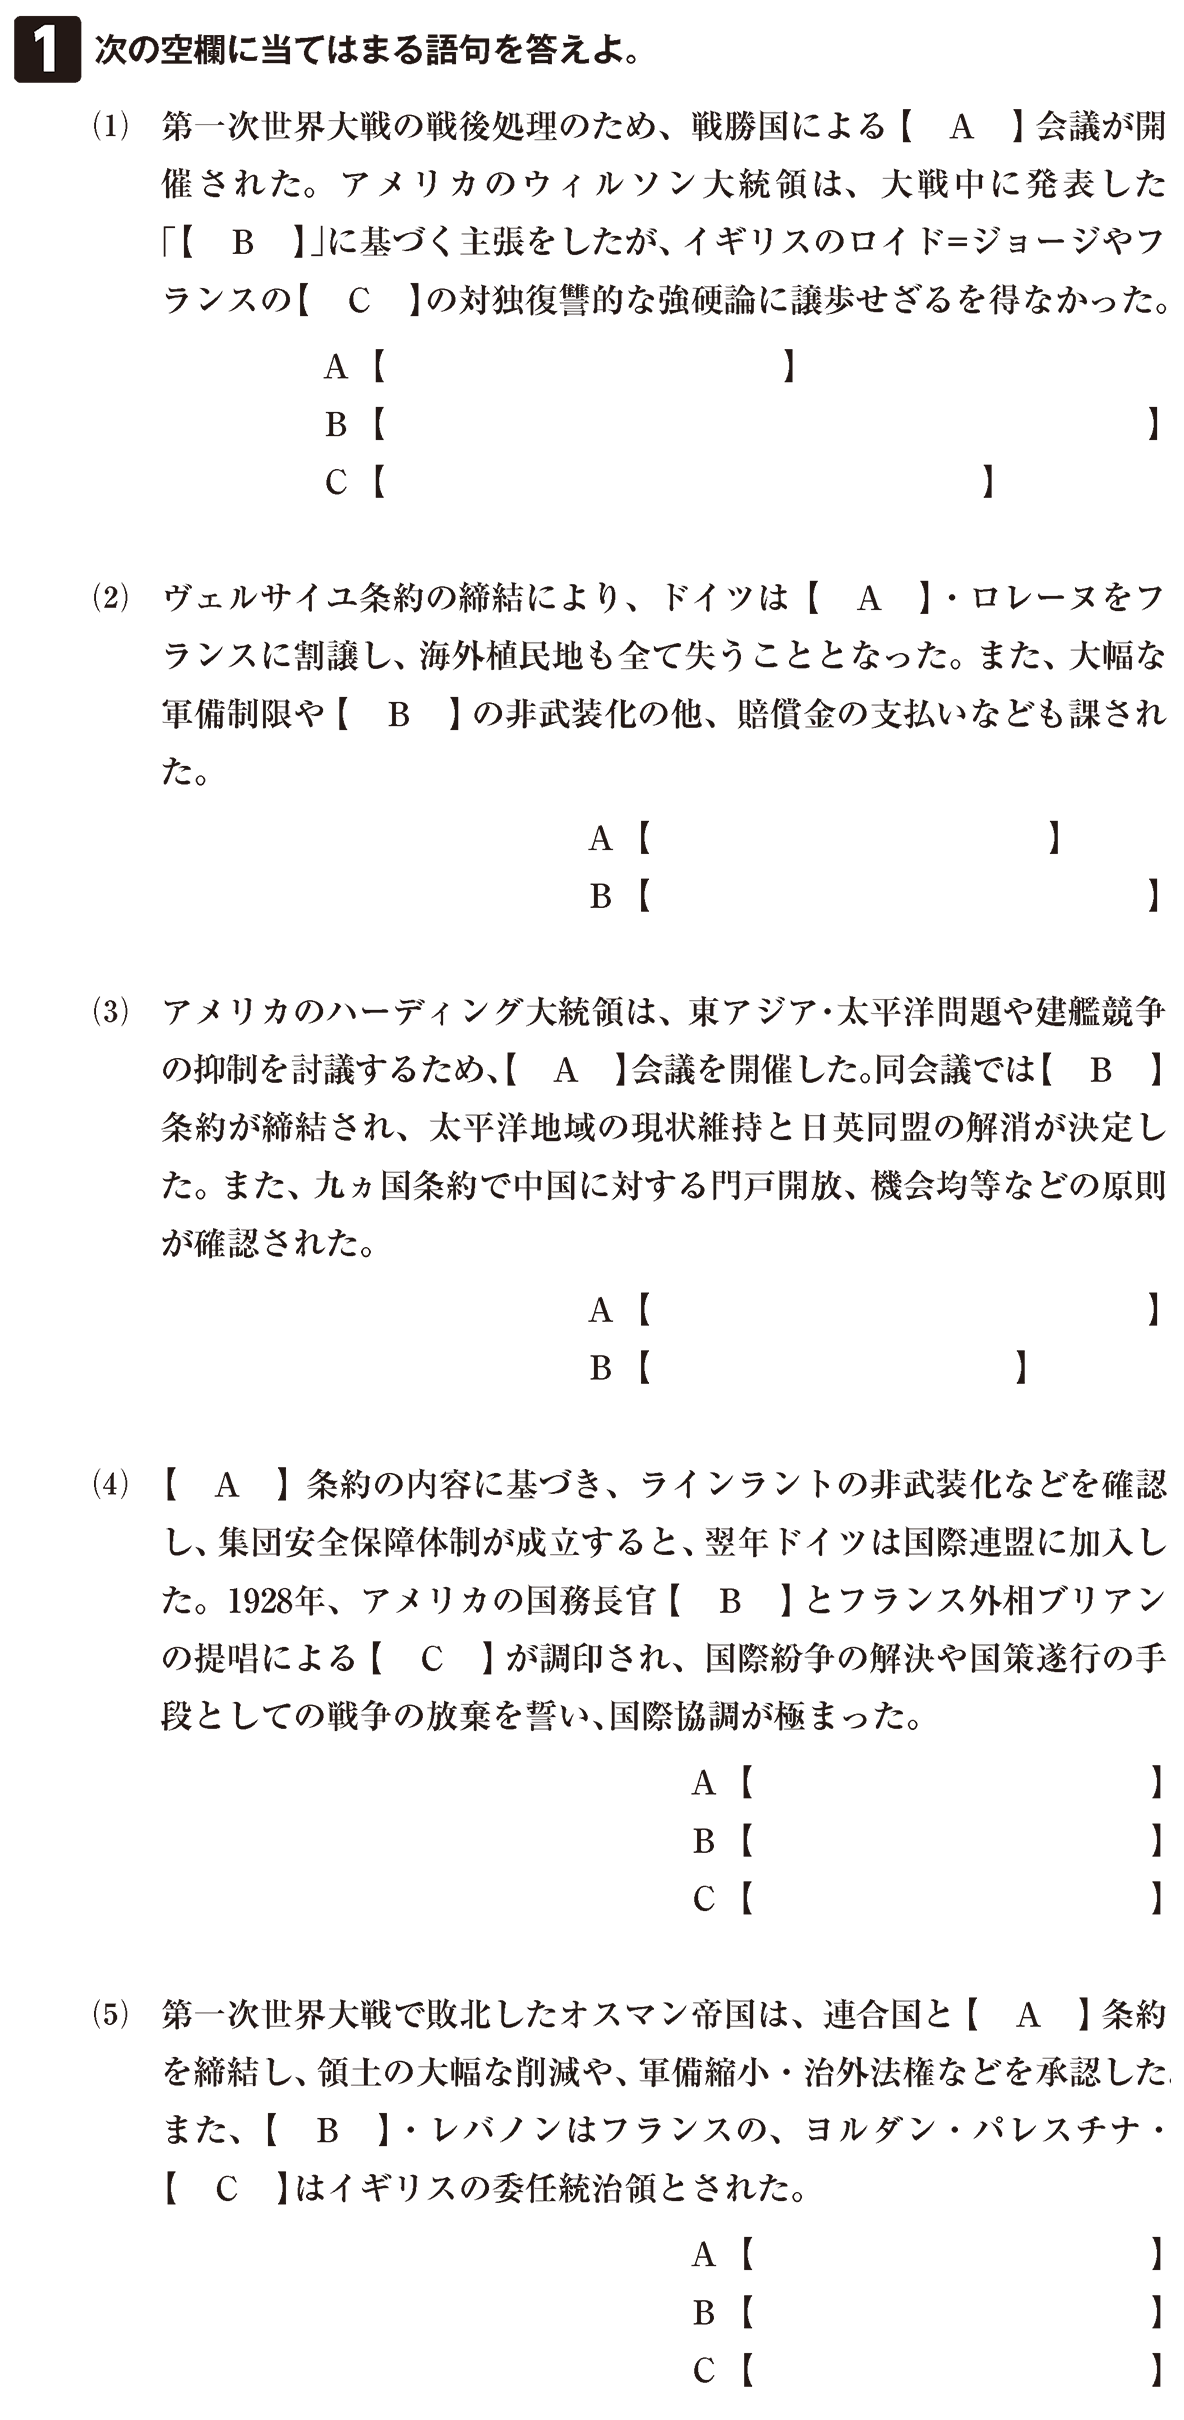 ヴェルサイユ体制とワシントン体制5 確認テスト(前半)